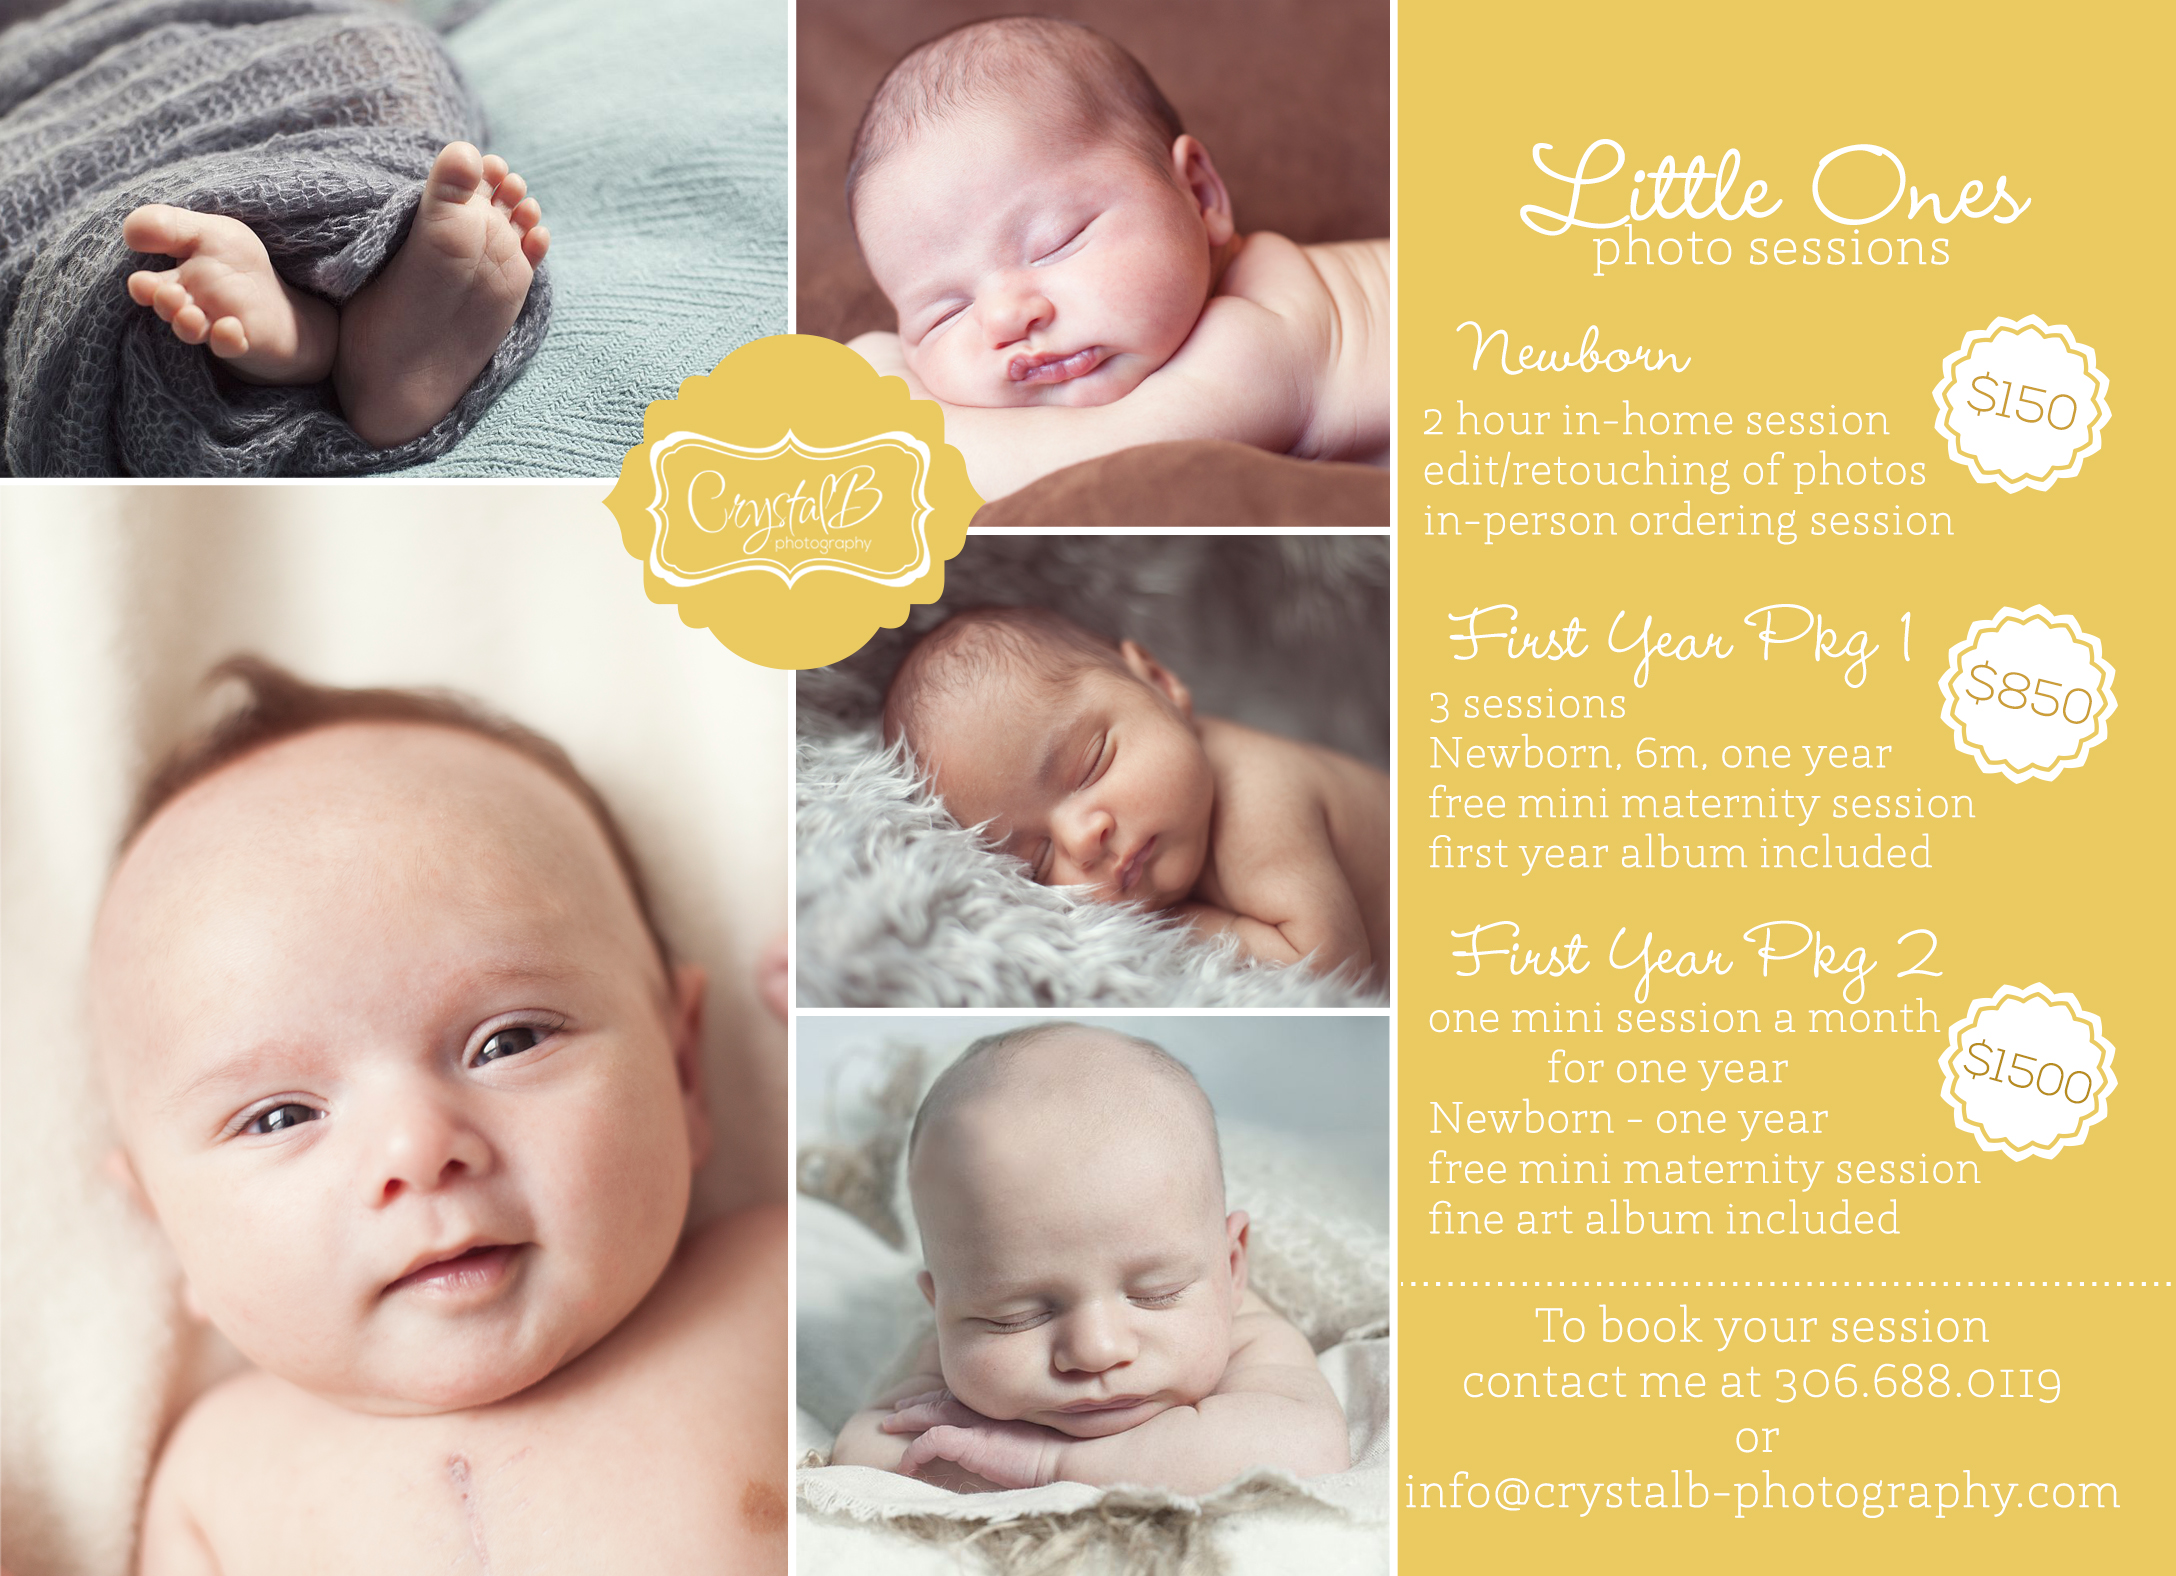 babys first year photo album